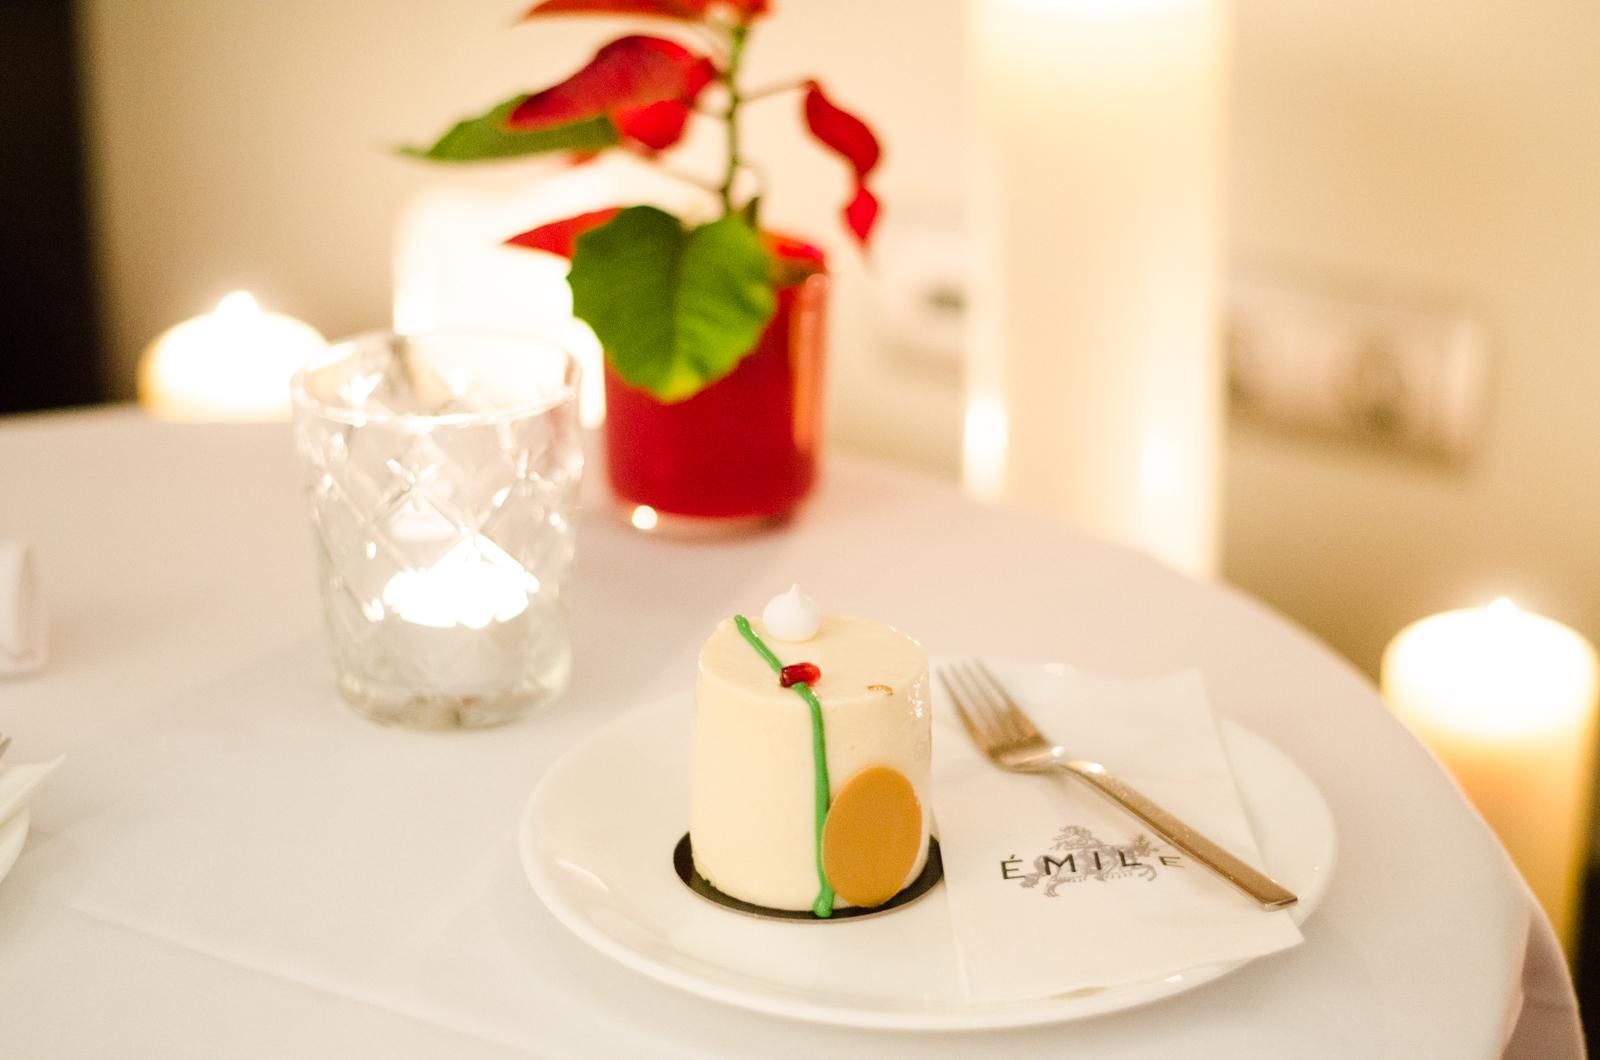 2. kép: A ház sütije: Émile